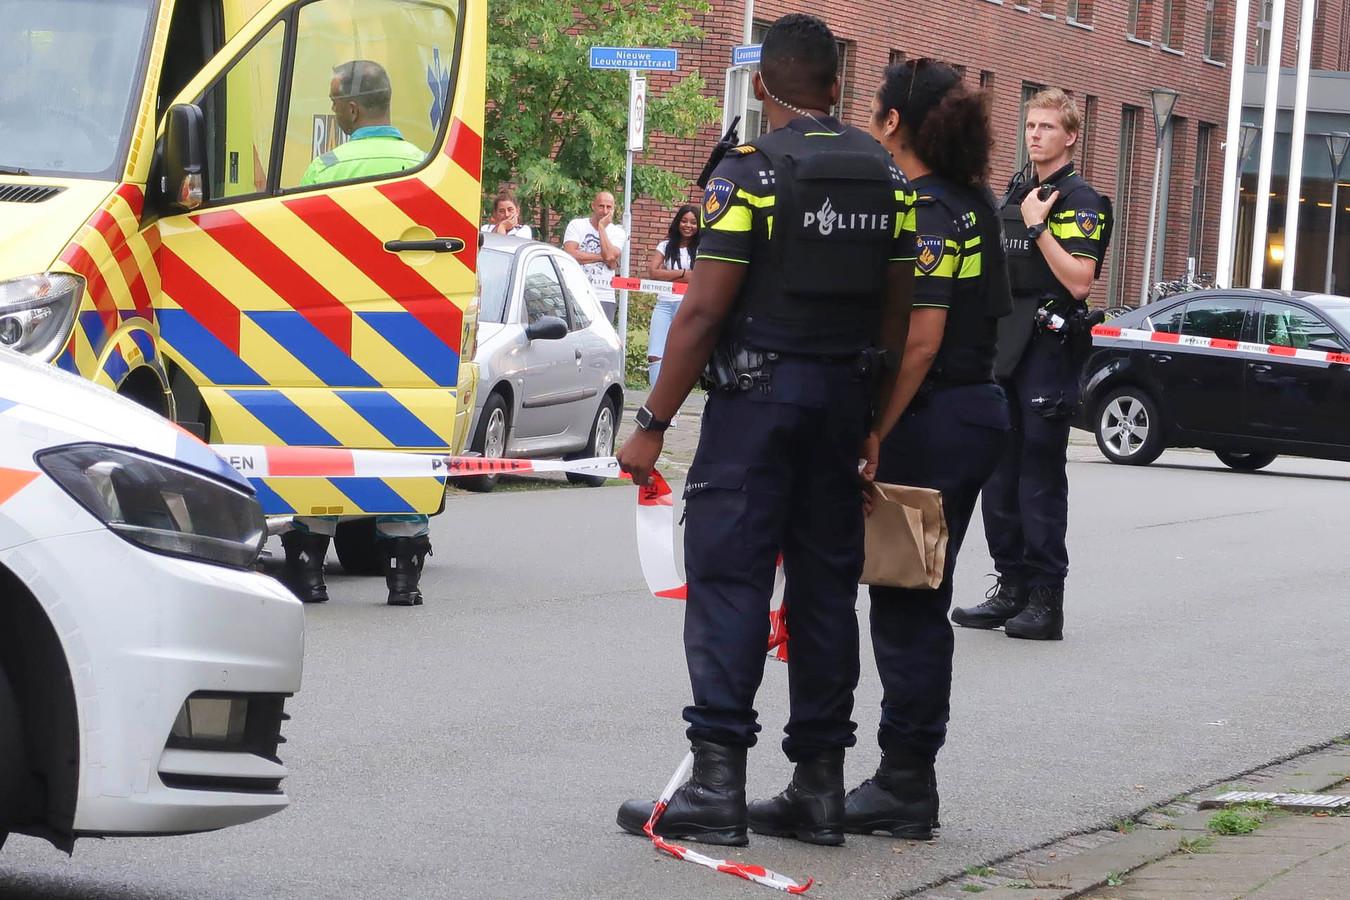 De politie doet onderzoek in de Leuvenaarstraat